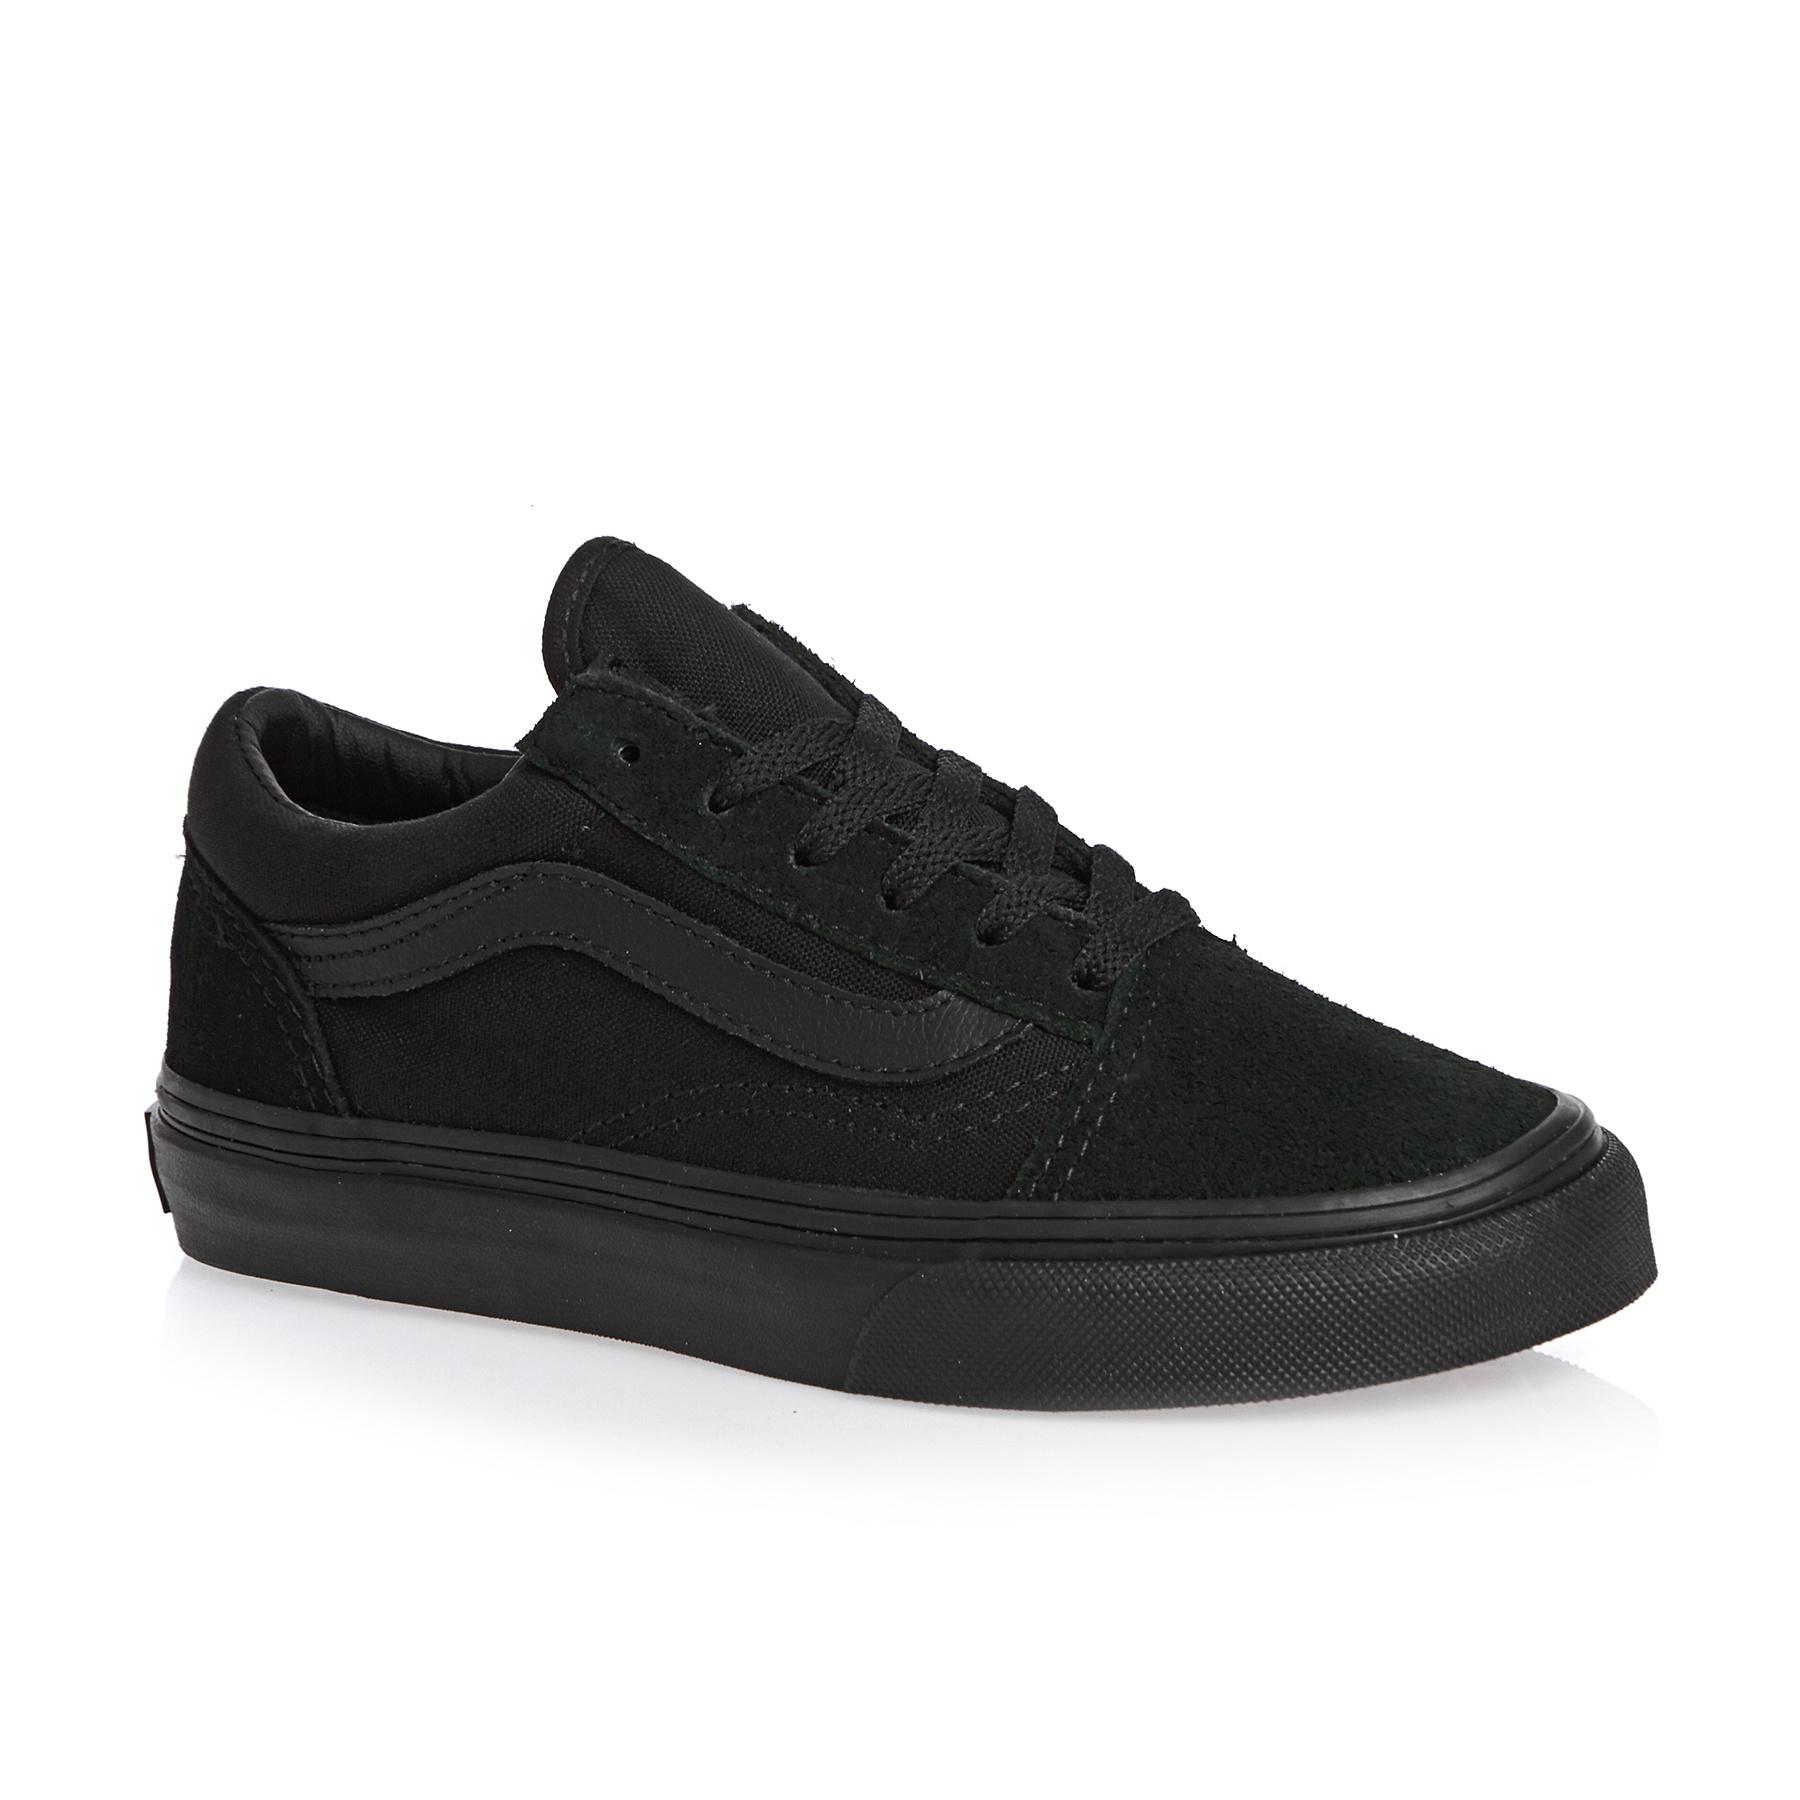 Vans Old Skool Kids Shoes - Free